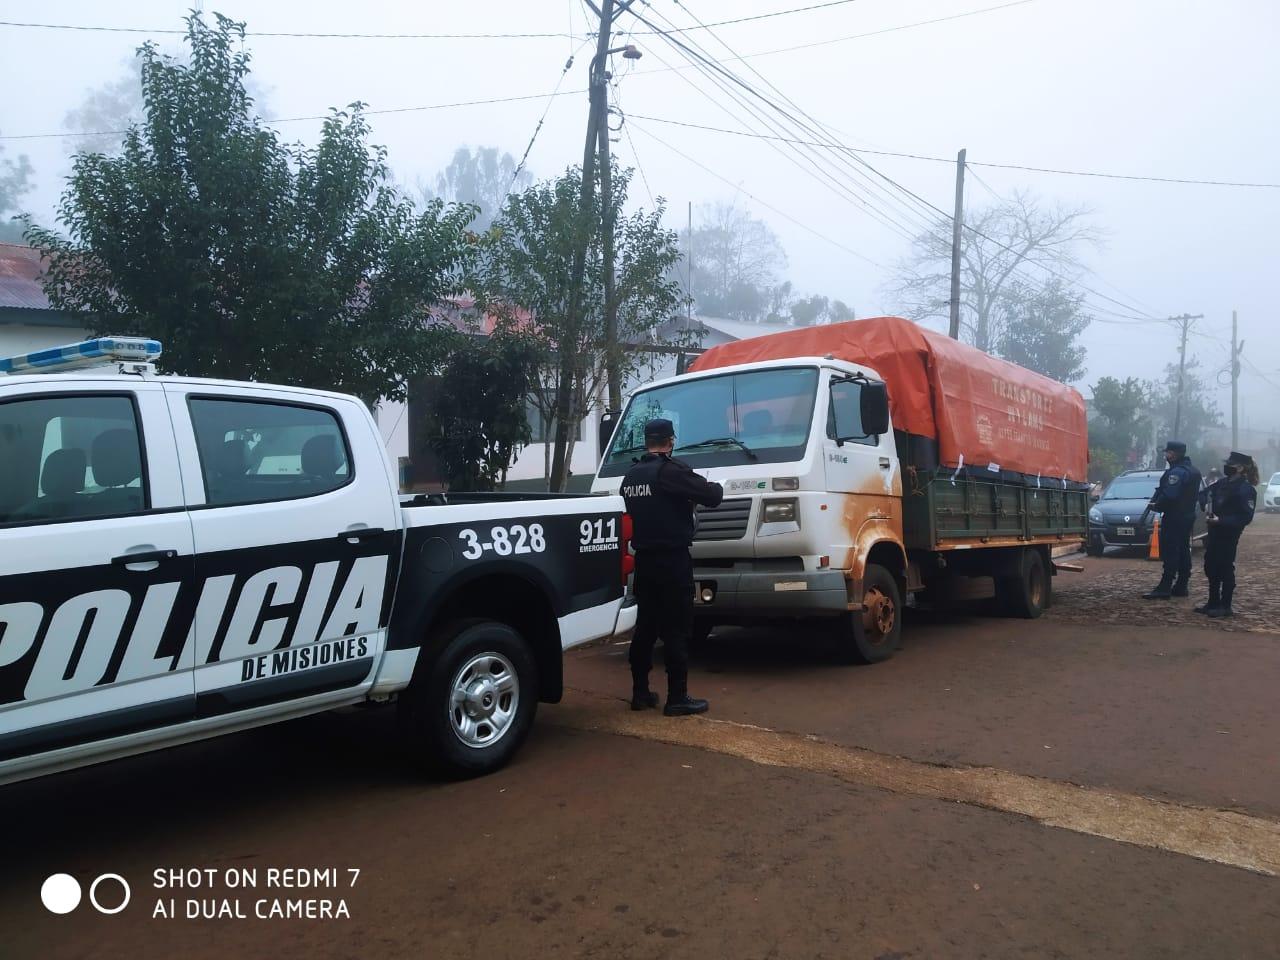 La soja que se evade: interceptaron un camión con 7 toneladas en Alba Posse